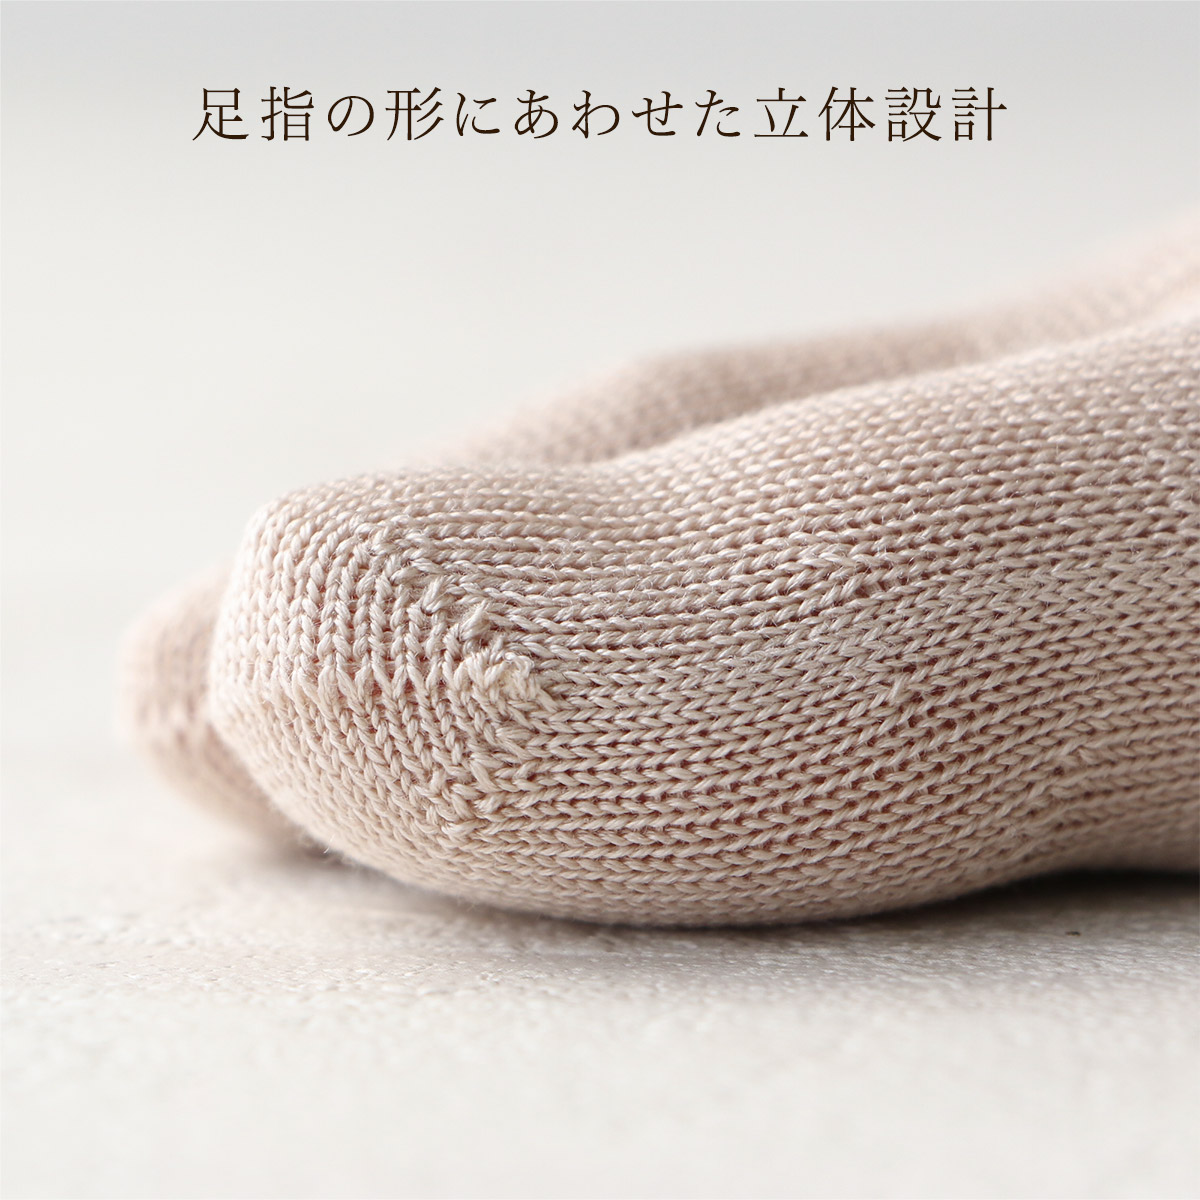 NAIGAI COMFORT ナイガイ コンフォート ホールガーメント シルク (絹) 混 5本指 ゴムなしソフトフィット ソックス 冷えとり 靴下 にも最適♪ レディス レッグソリューション 3022-245【ゆうパケット・4点まで】